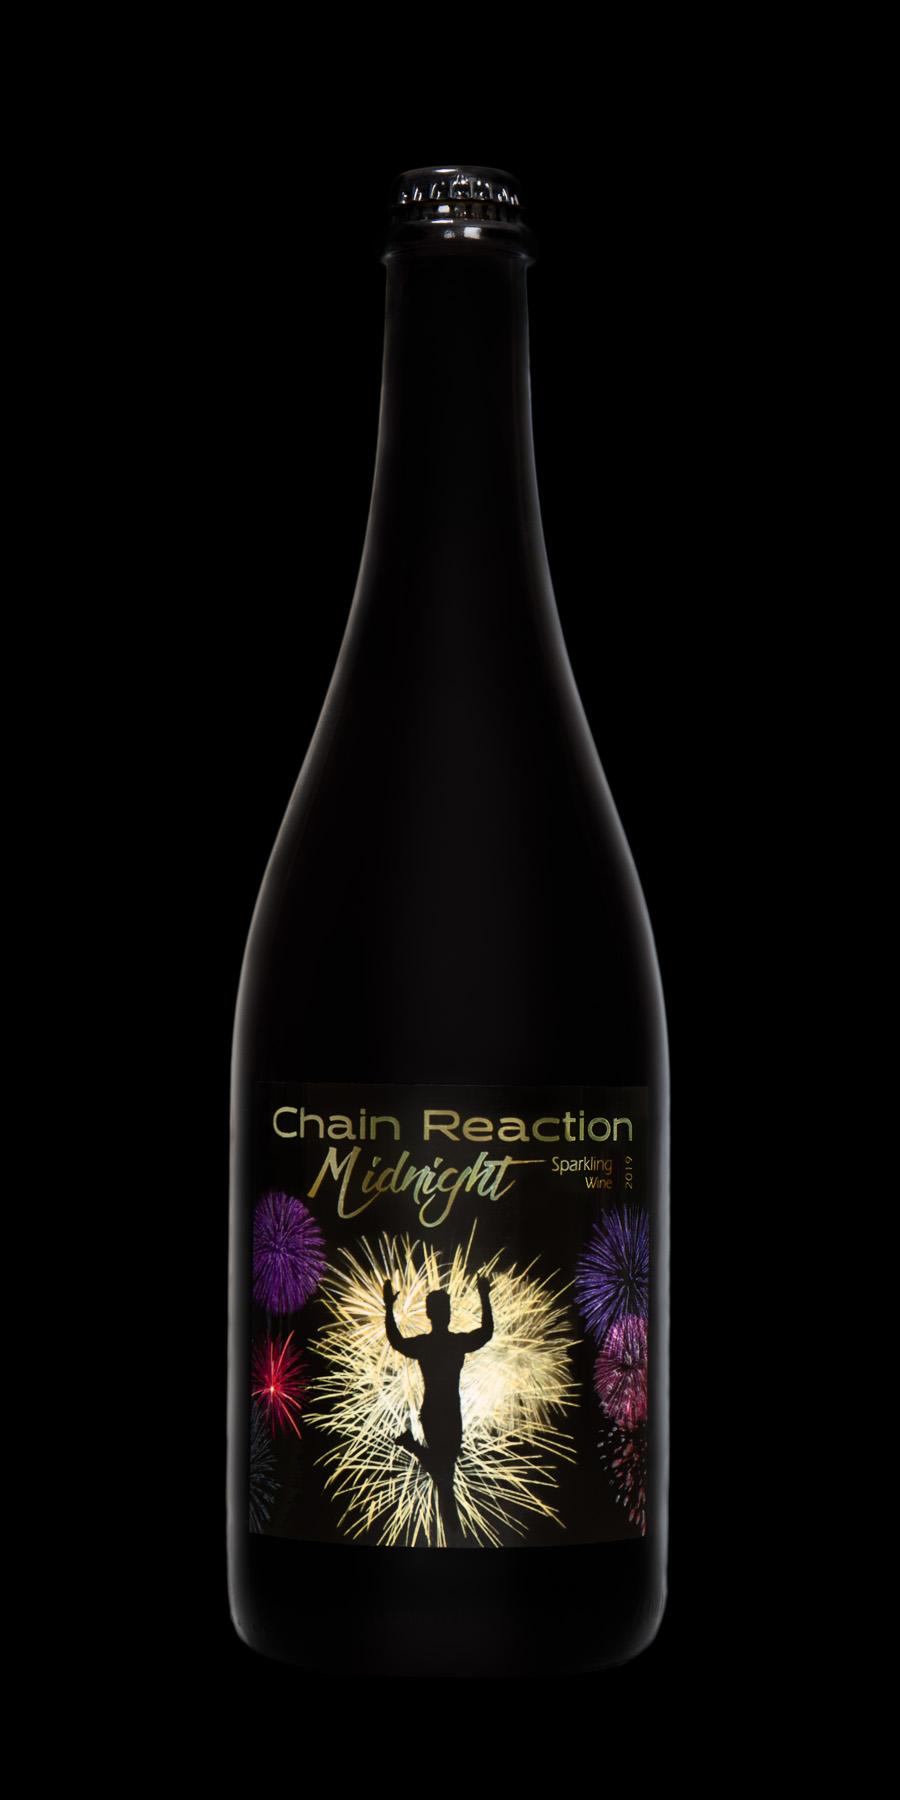 chain reaction midnight bottle